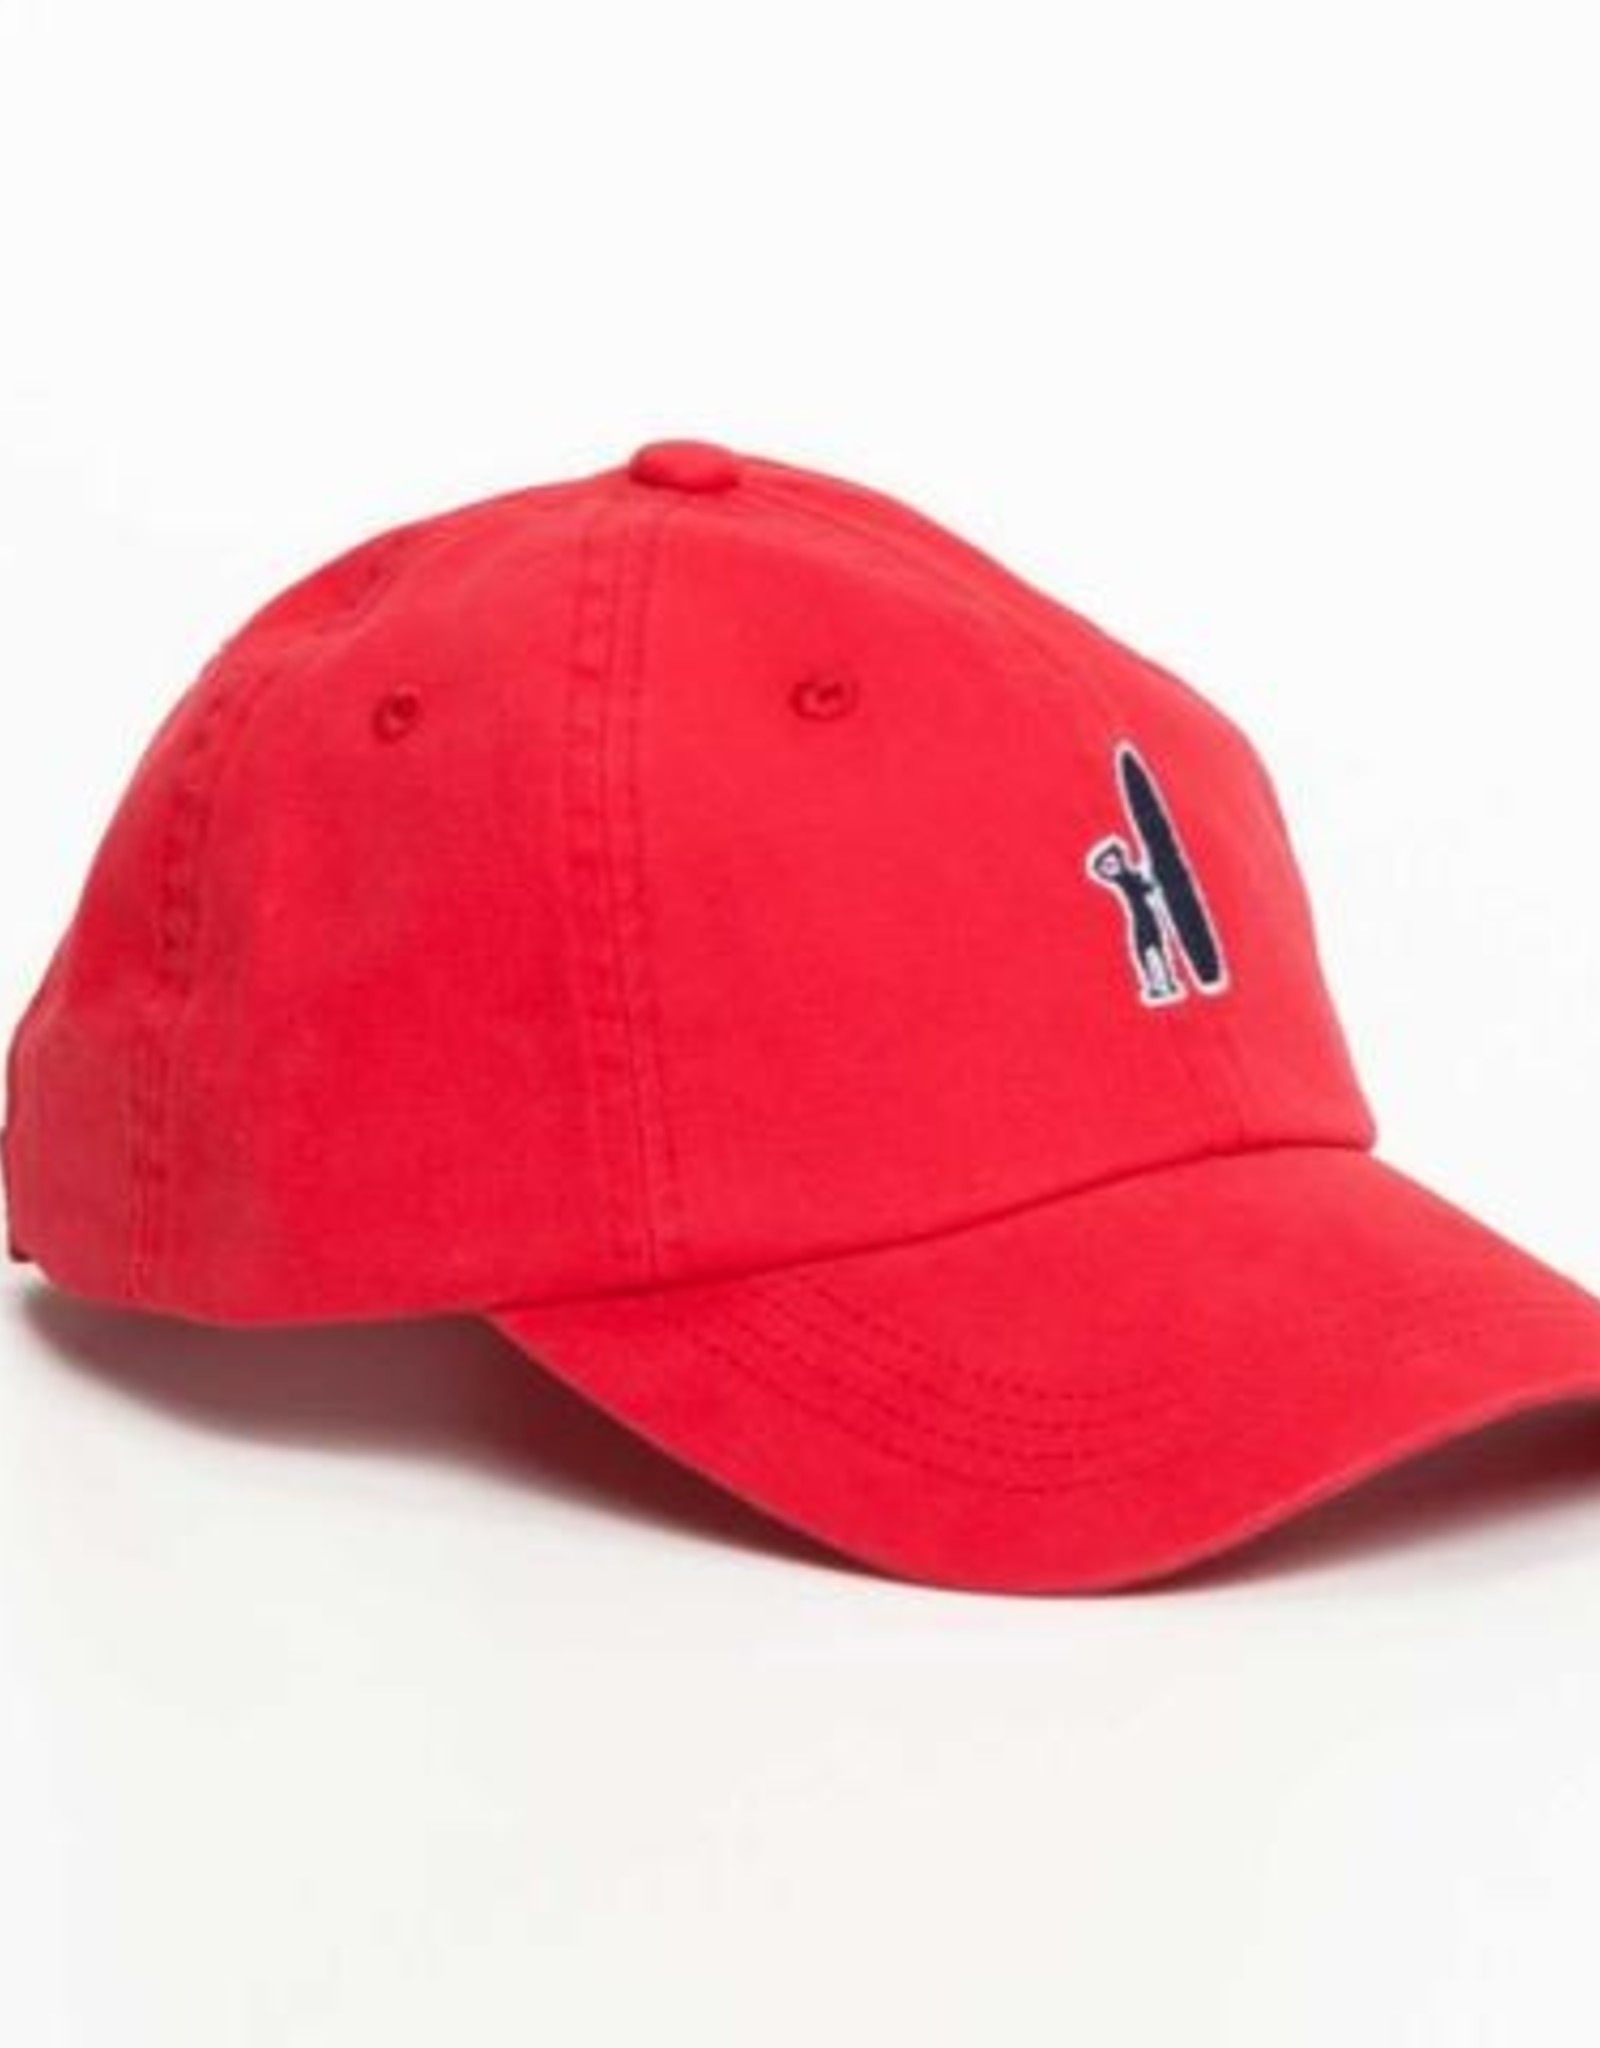 Johnnie-O Johnnie-o Hat